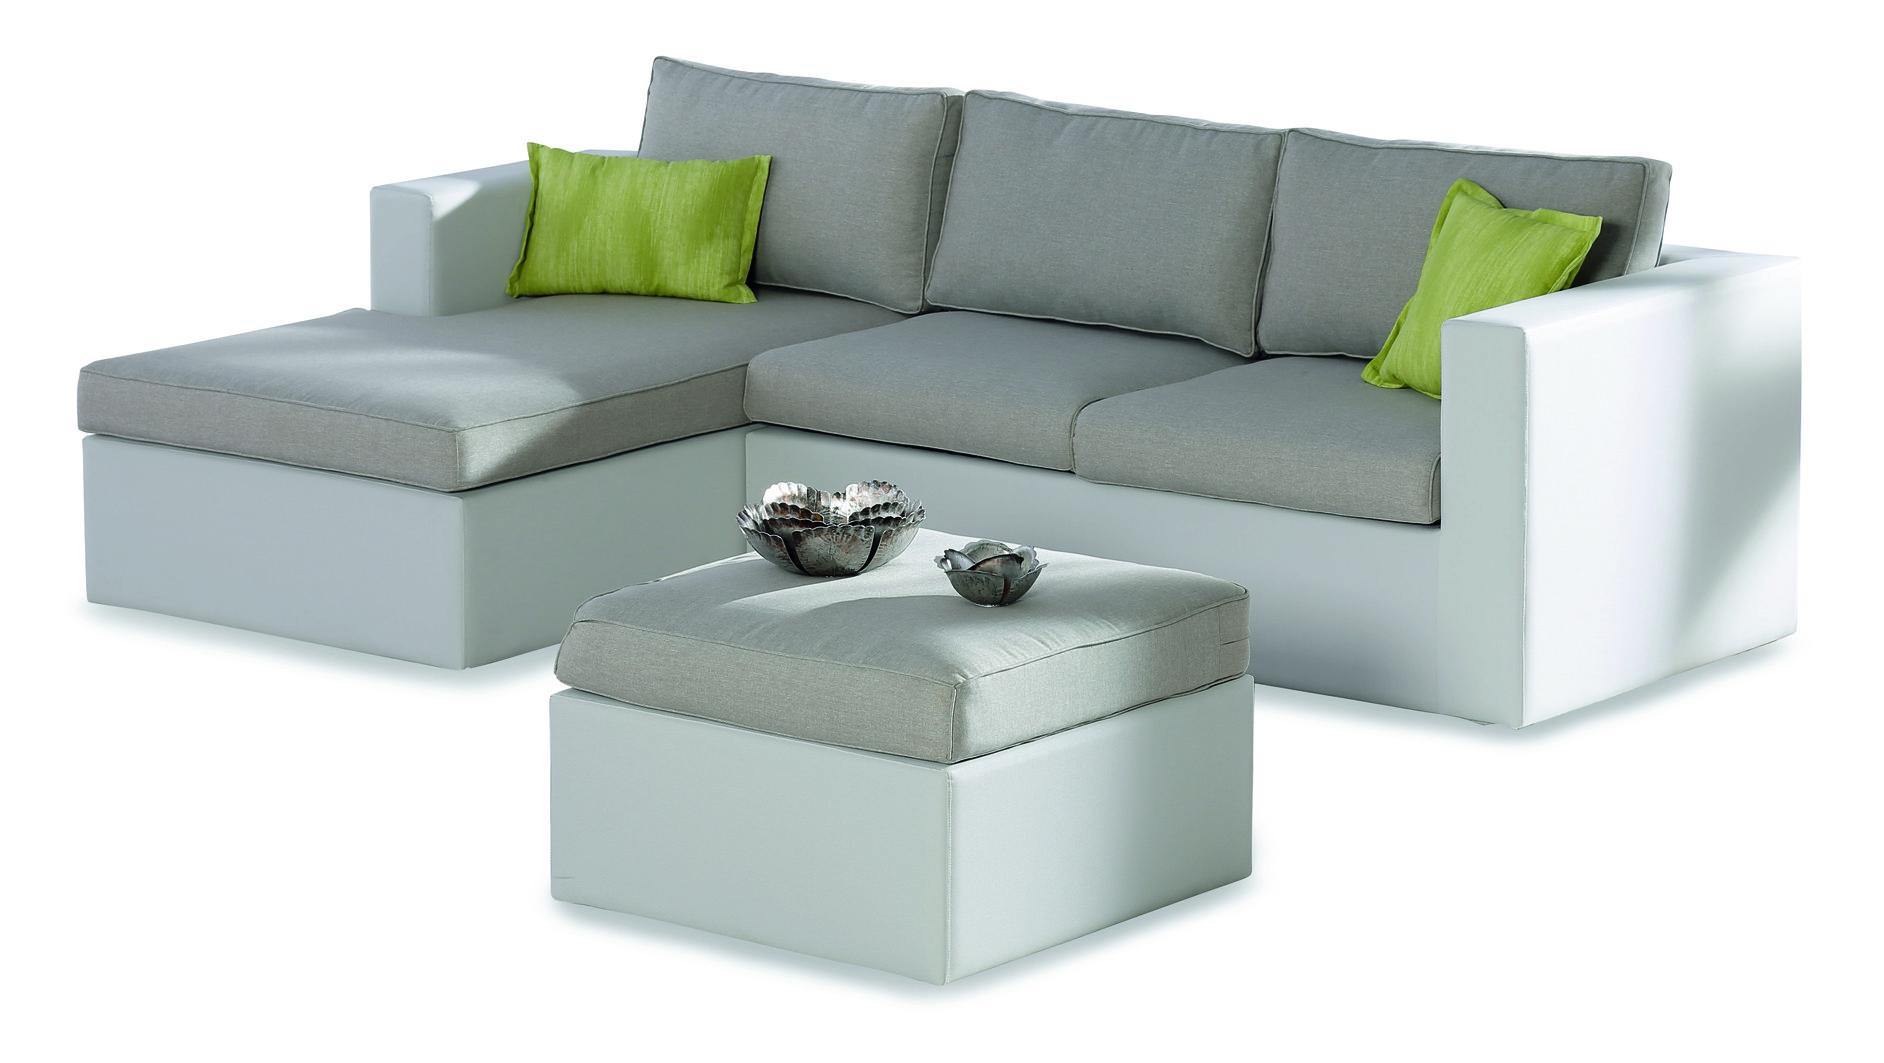 Gartenmöbel günstig 3 teilig  Gartenmöbel / Lounge Möbel Set Kuba 3-teilig Ottomane links weiß ...